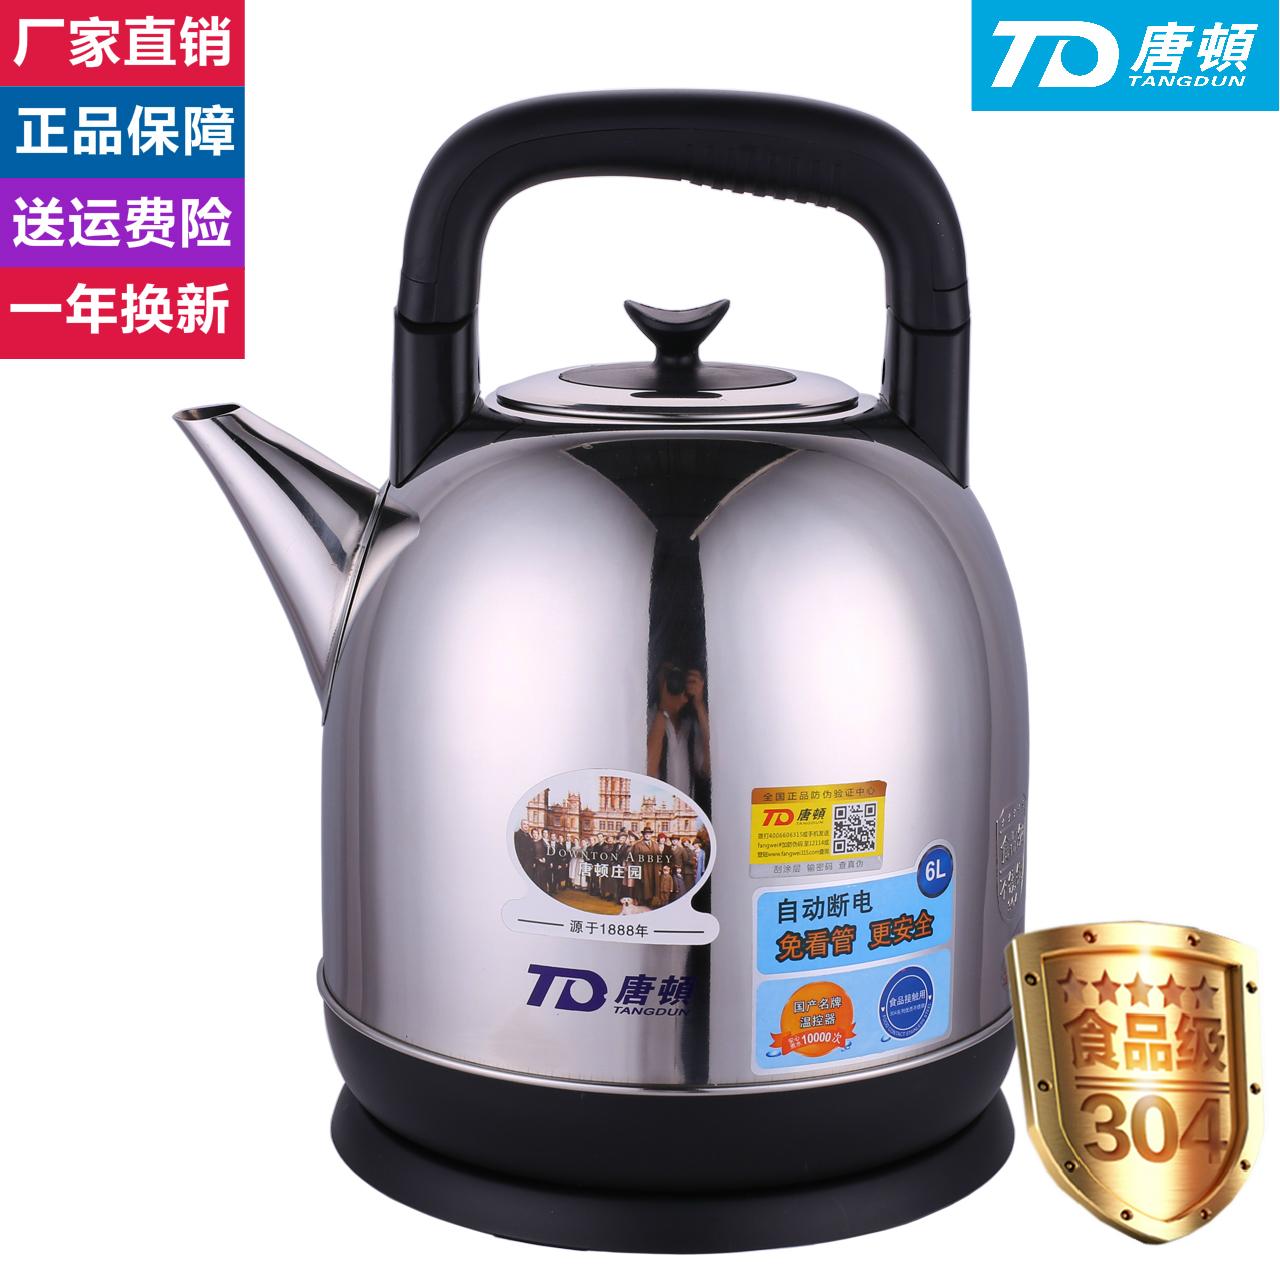 开水自动食品级容量加厚不锈钢电热水壶断电